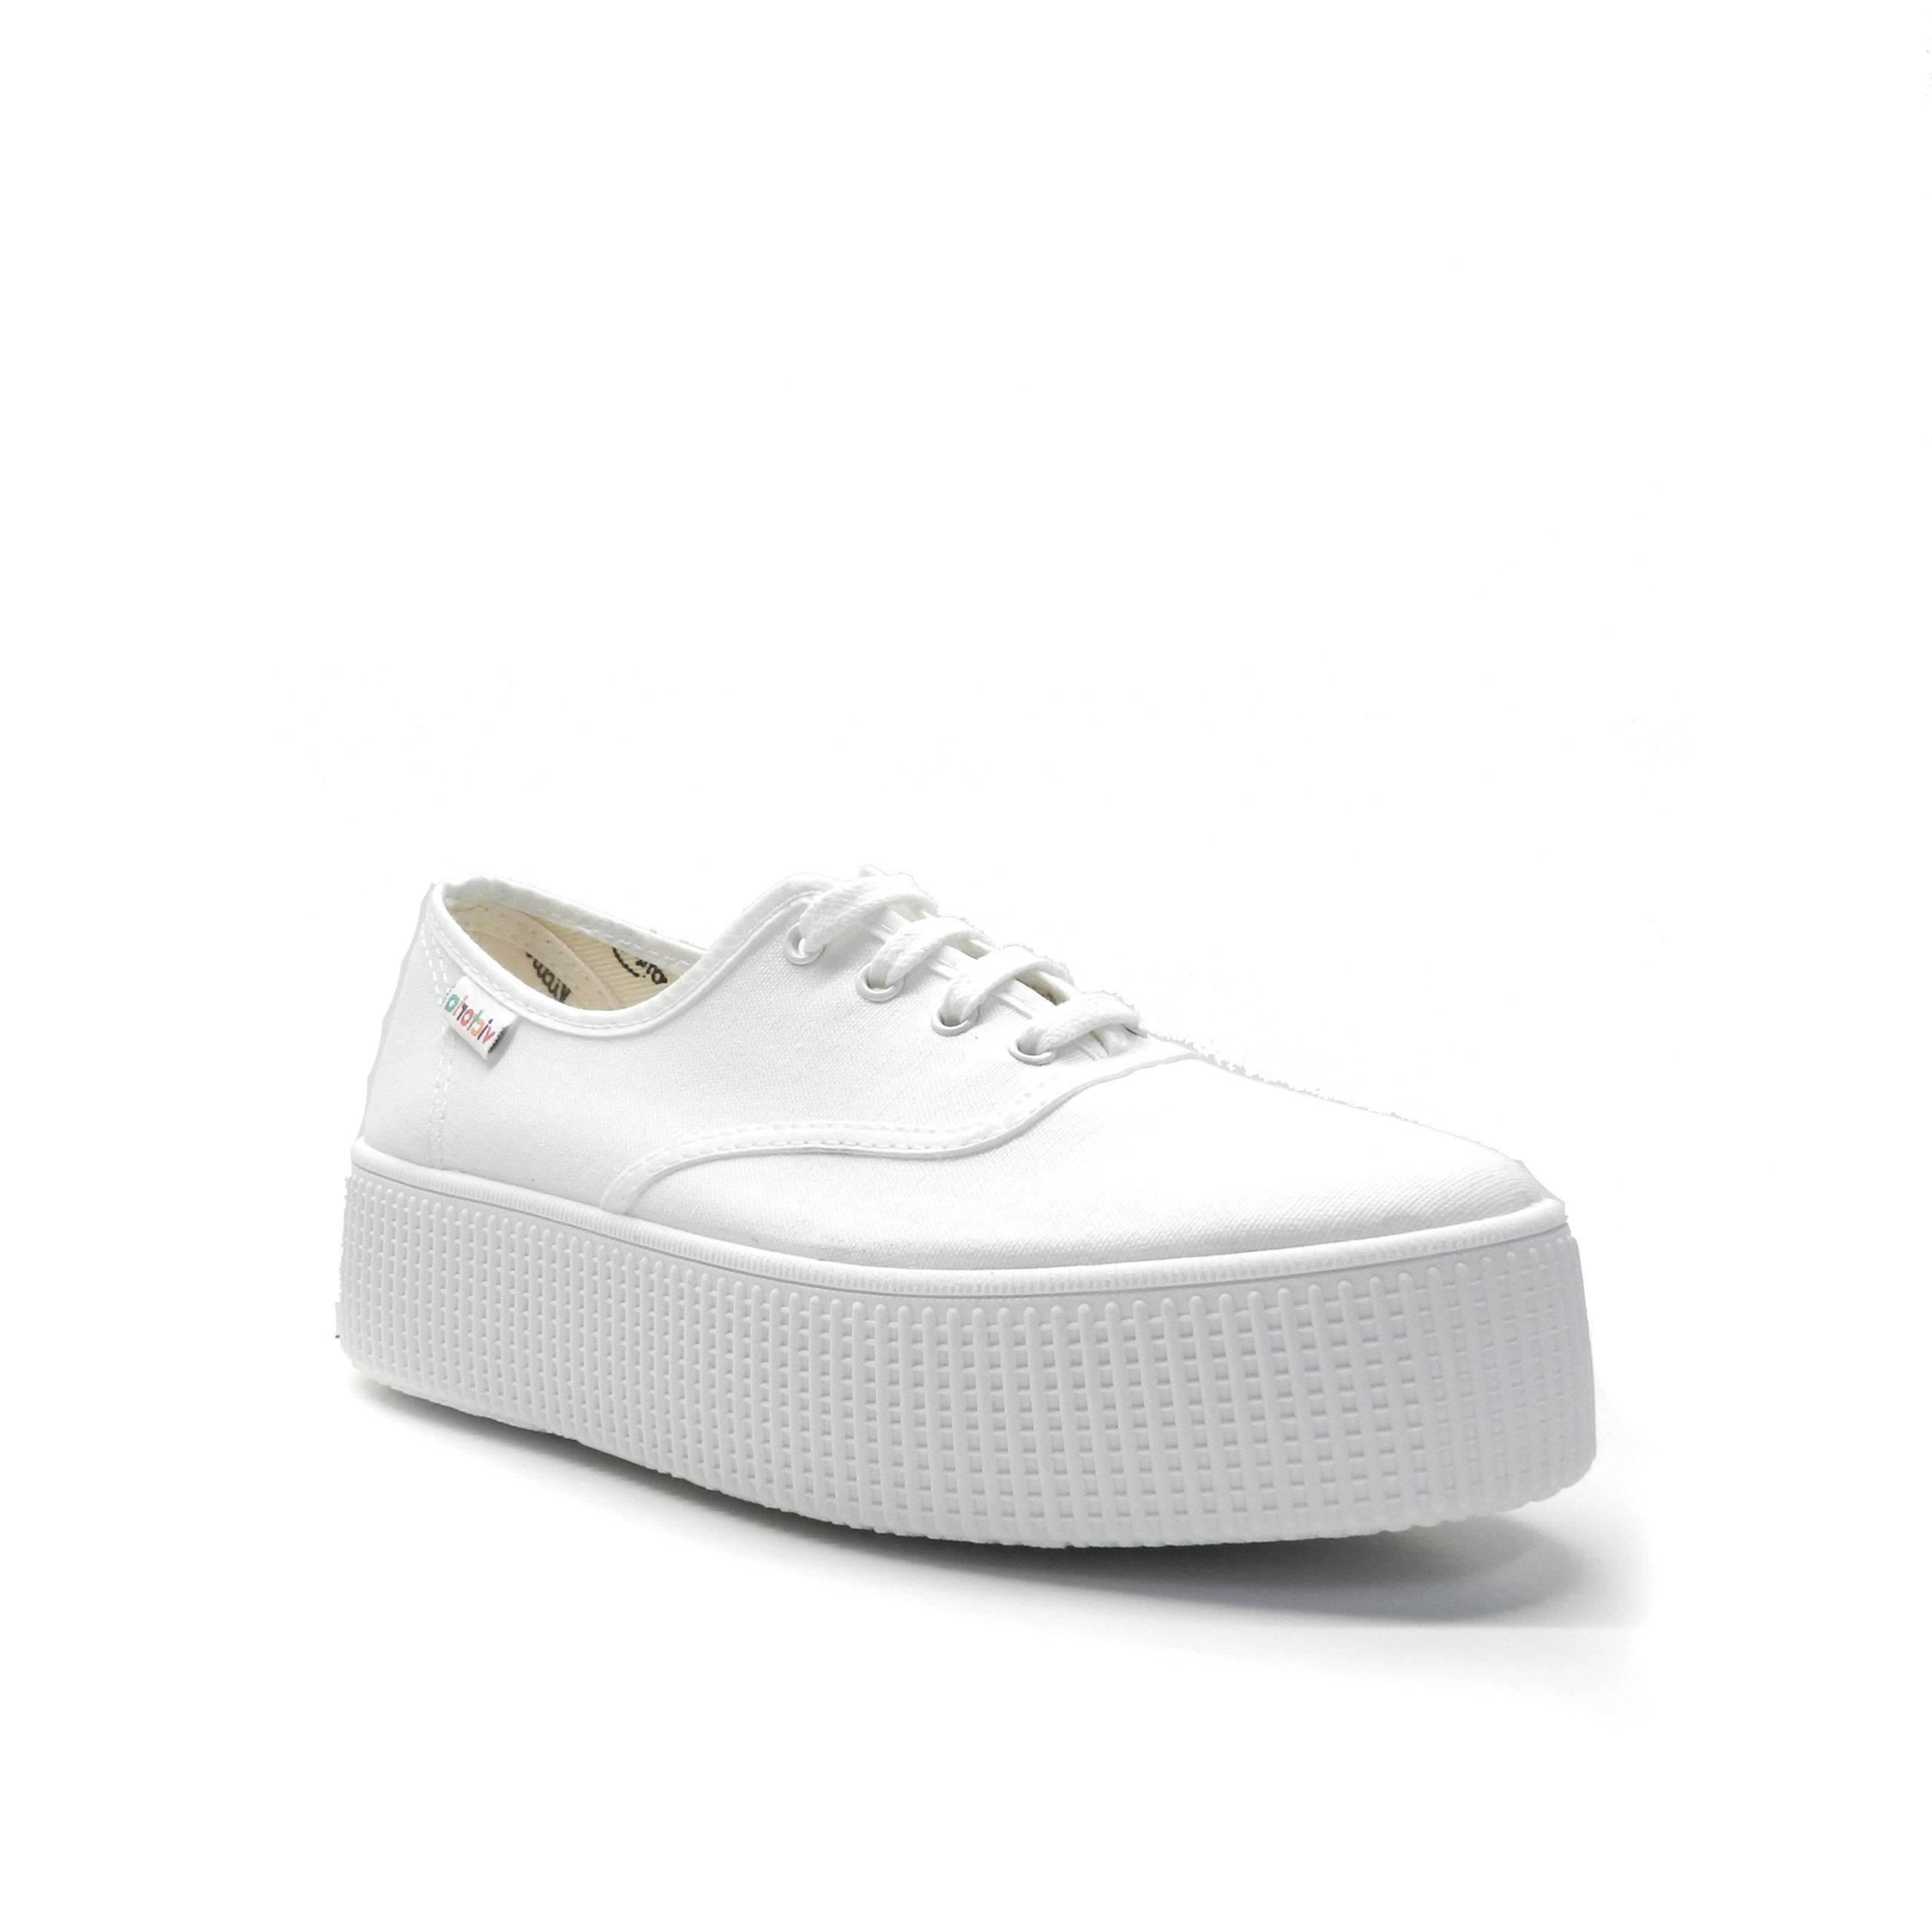 sneakers basica de lona en color blanco con plataforma de la marca victoria.